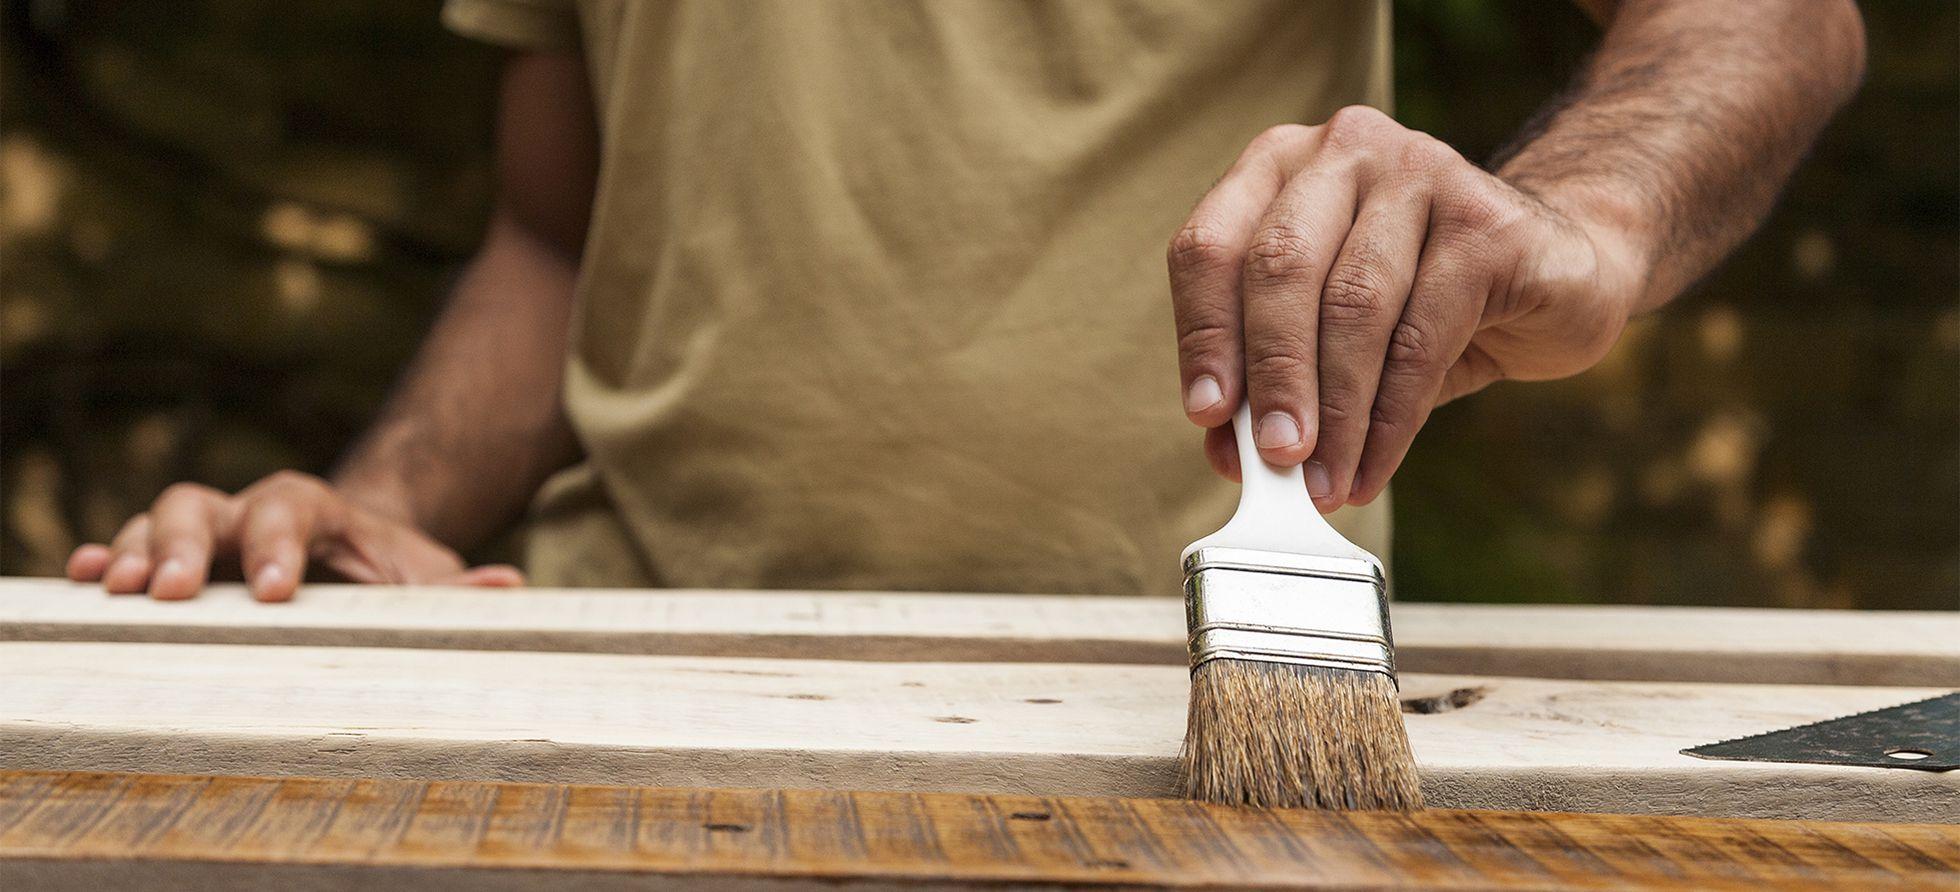 Spahn Amp Rose Lumber Co